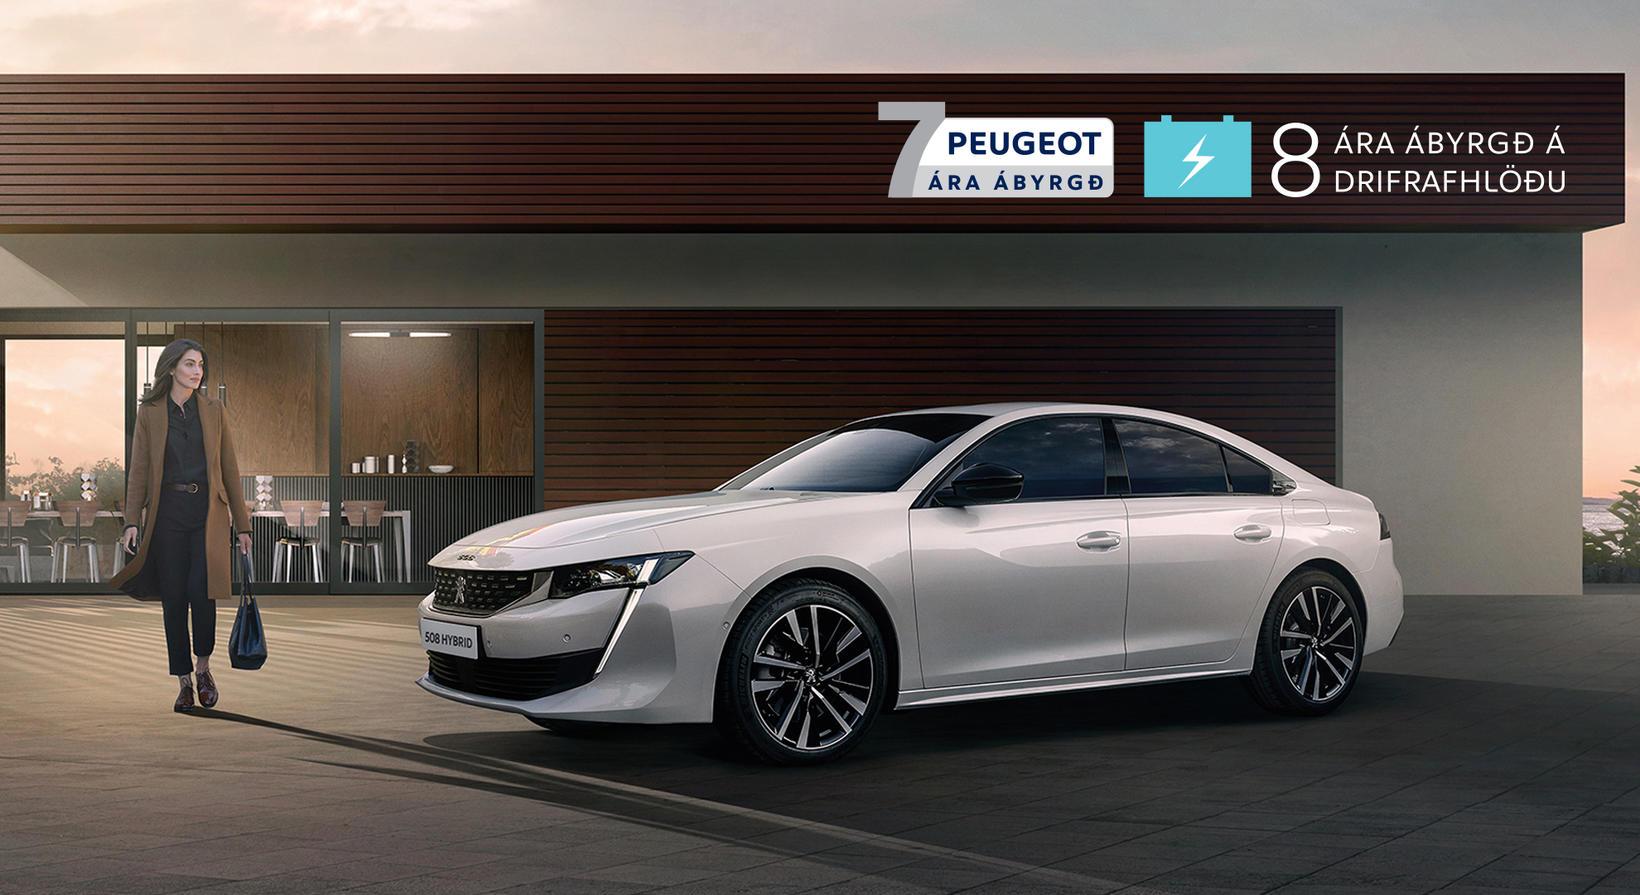 Peugeot hefur trú á bílum sínum með sjö ára ábyrgðinni …